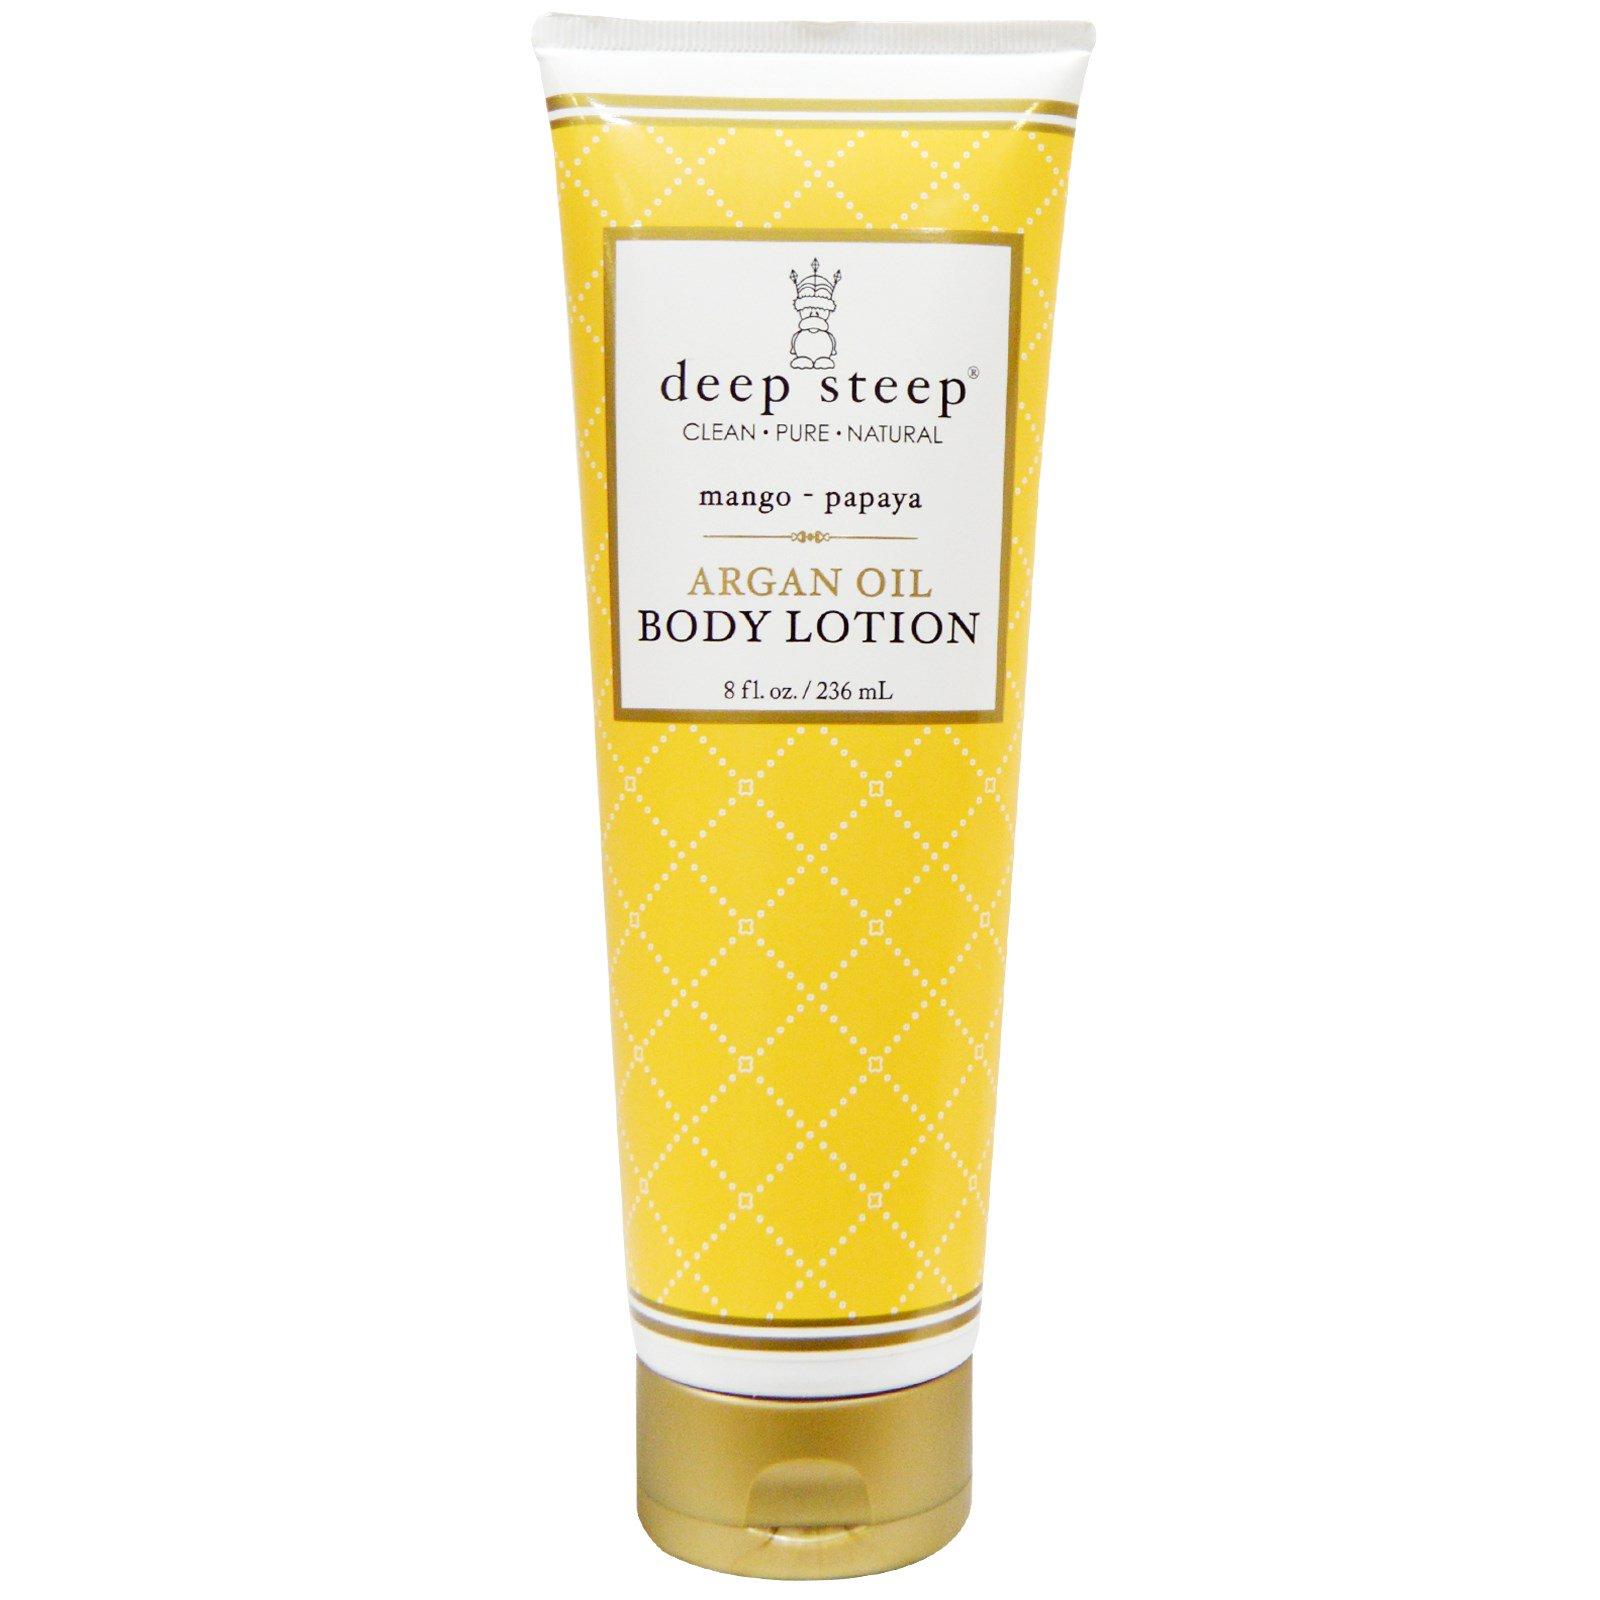 Deep Steep, Лосьон для тела с аргановым маслом, манго - папайя, 8 унций (236 мл)